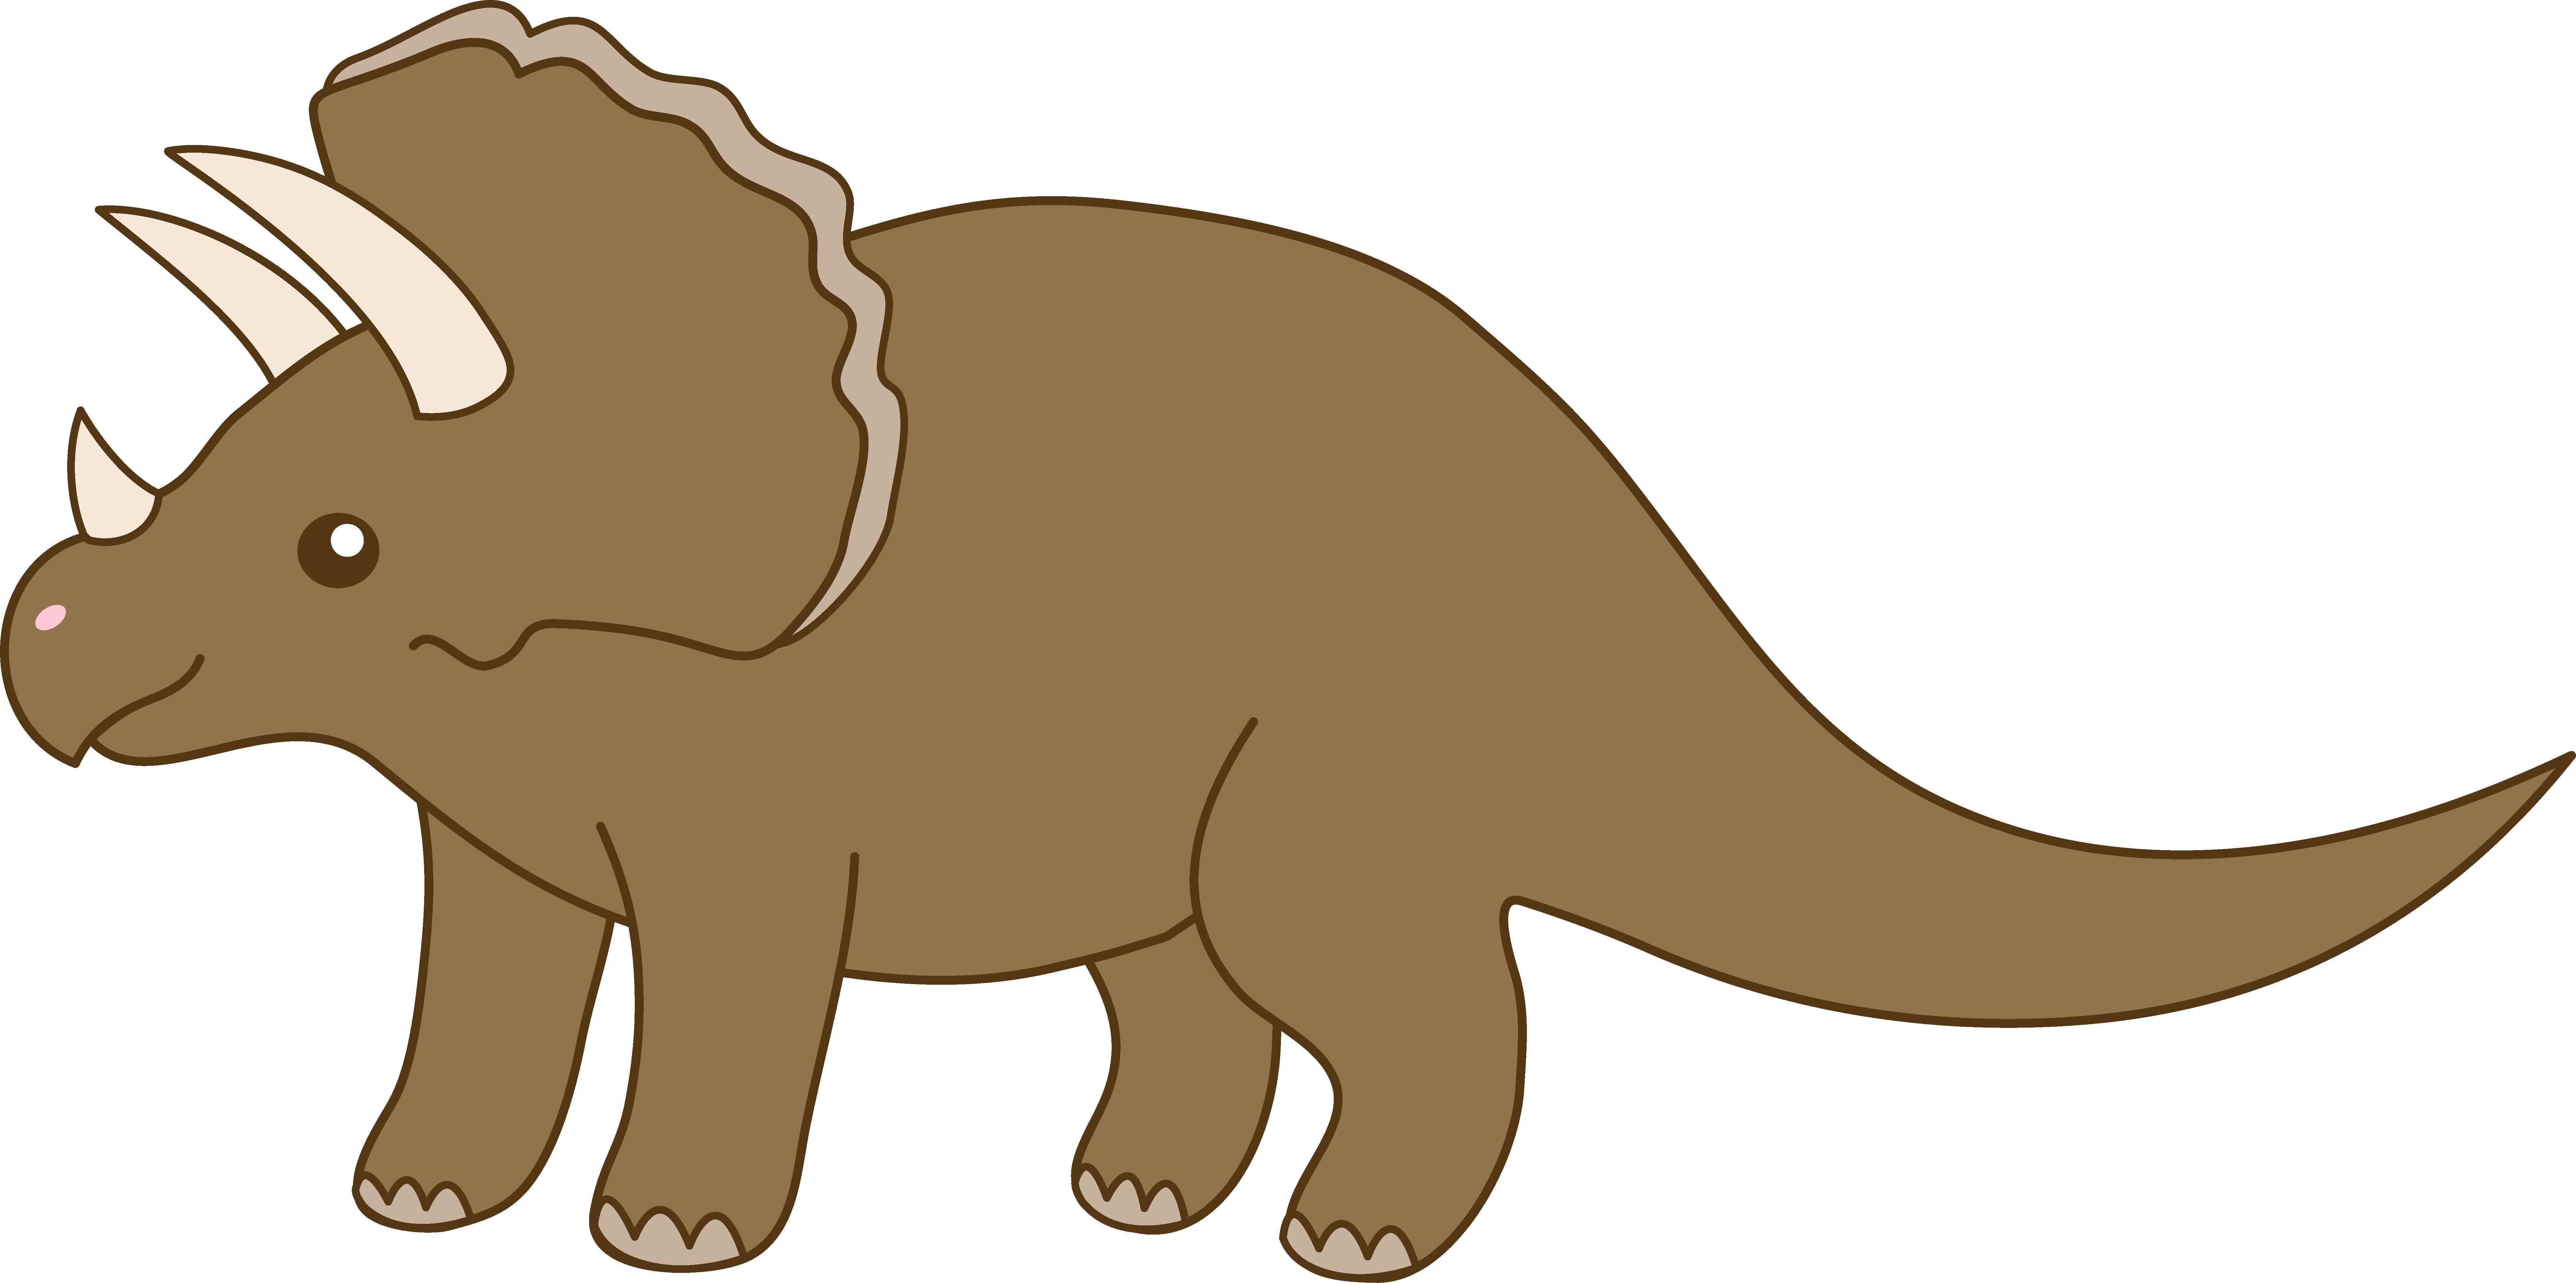 8400x4185 Triceratops Dinosaur Vector Clipart